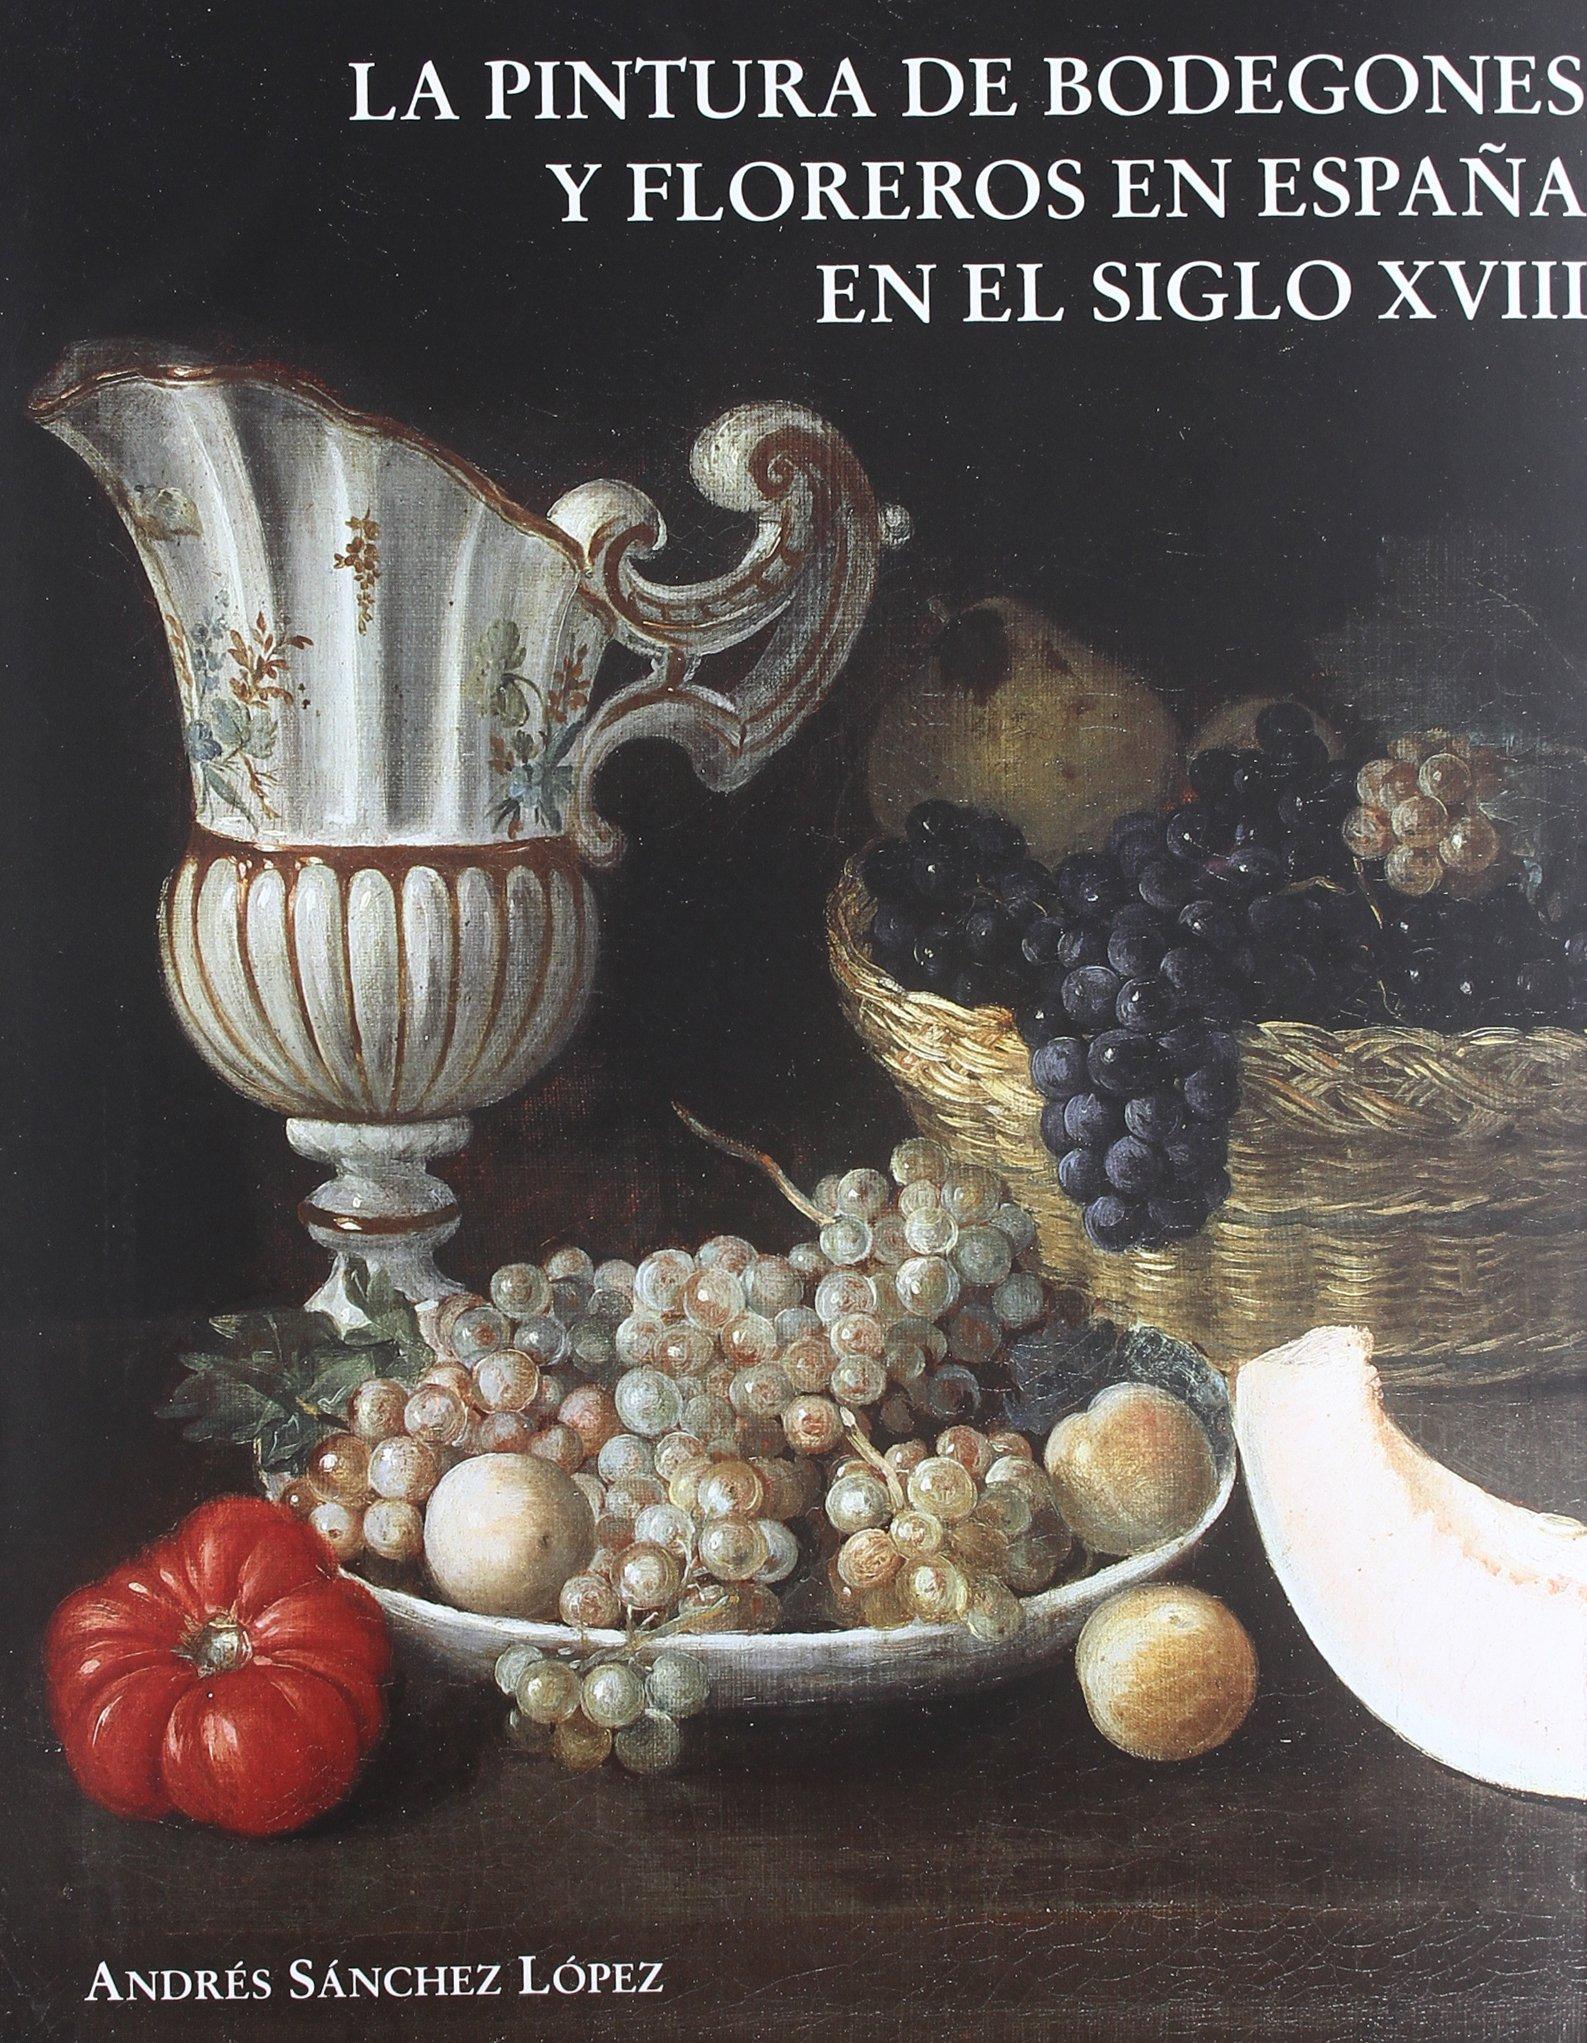 La pintura de bodegones y florerosen el siglo XVIII en España ...